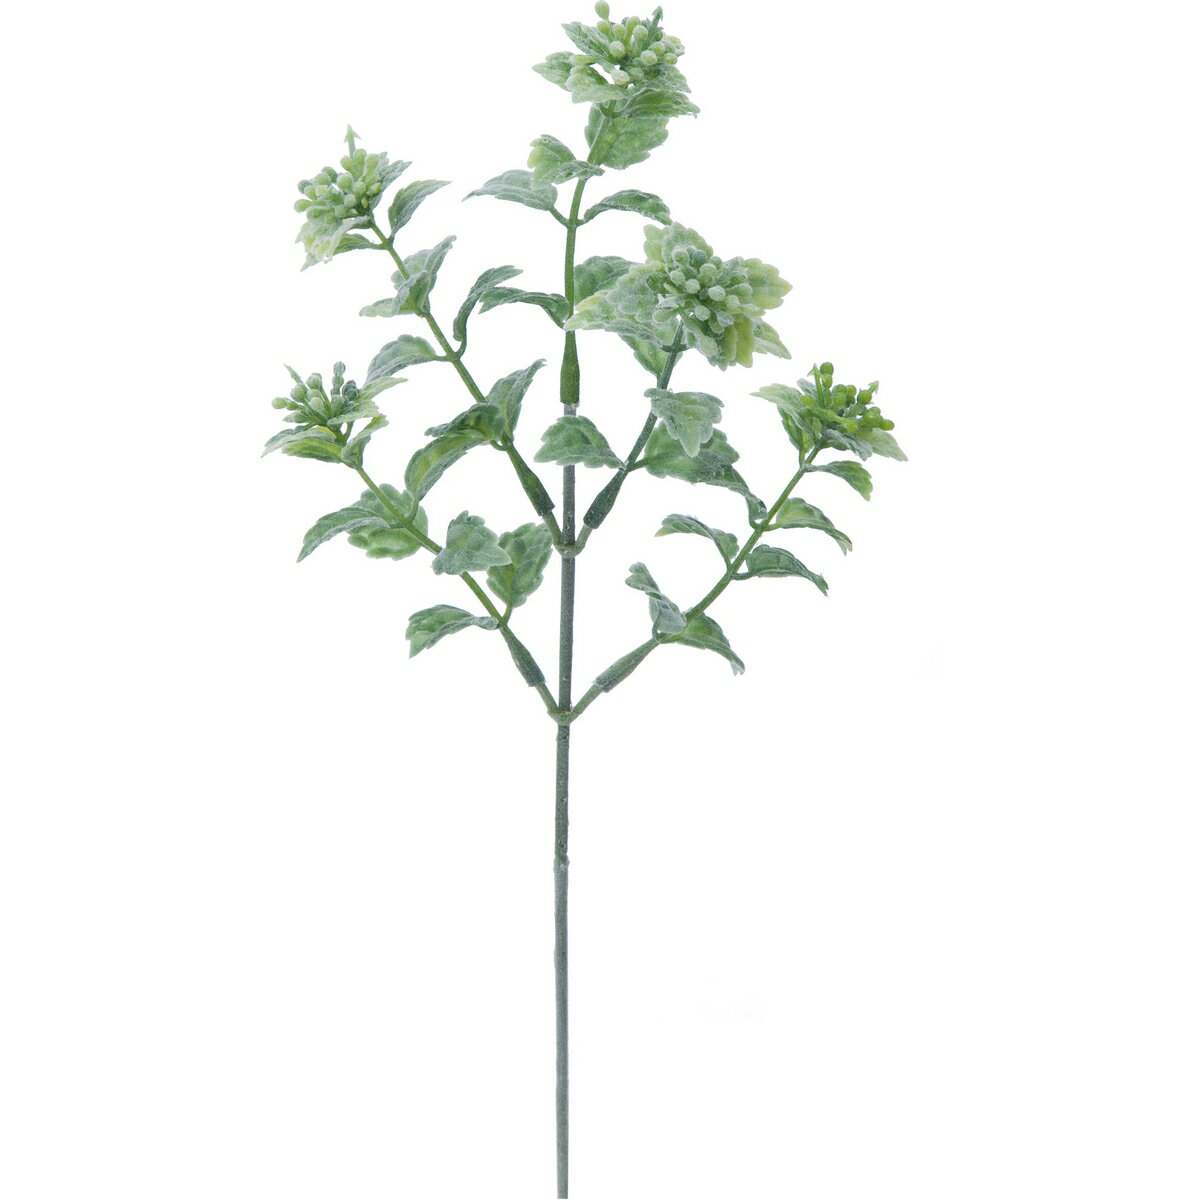 【造花】YDM/オレガノ グリーン/FGH-0007-GR【01】【01】【取寄】《 造花(アーティフィシャルフラワー) 造花葉物、フェイクグリーン その他の造花葉物・フェイクグリーン 》